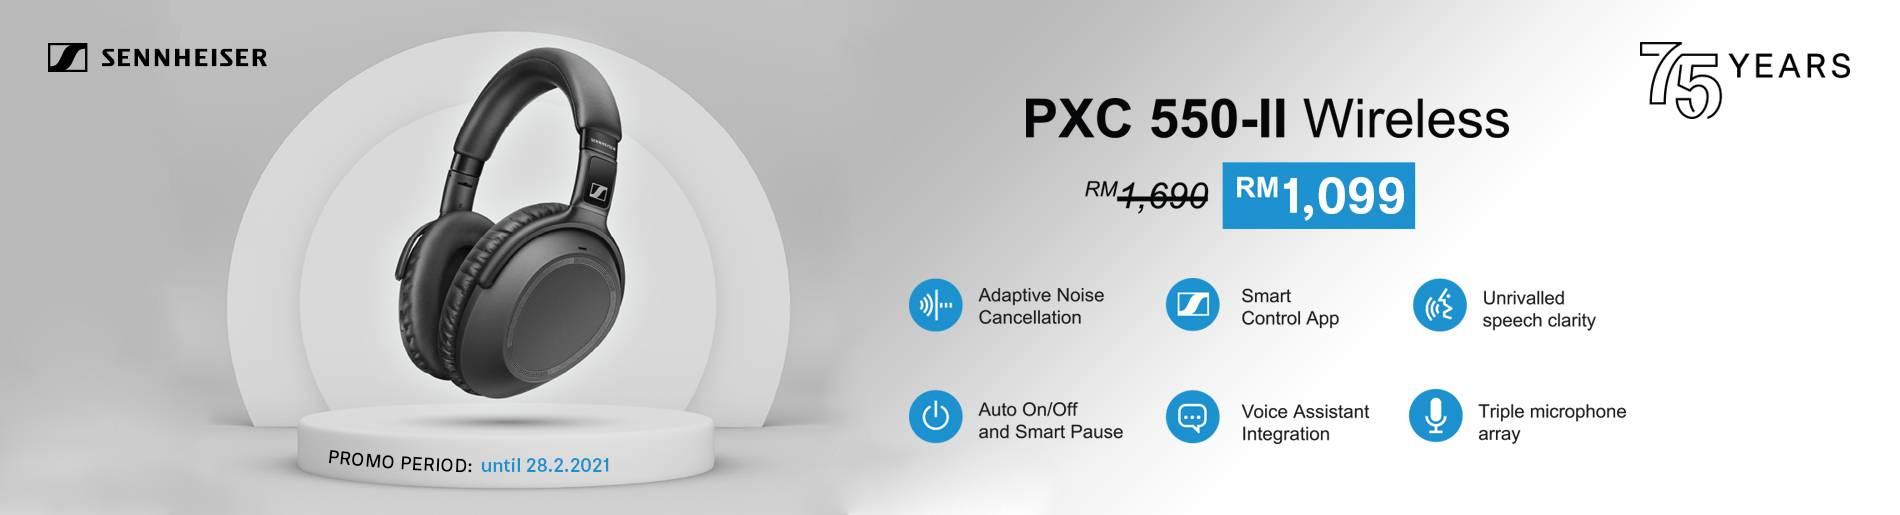 PXC 550 II